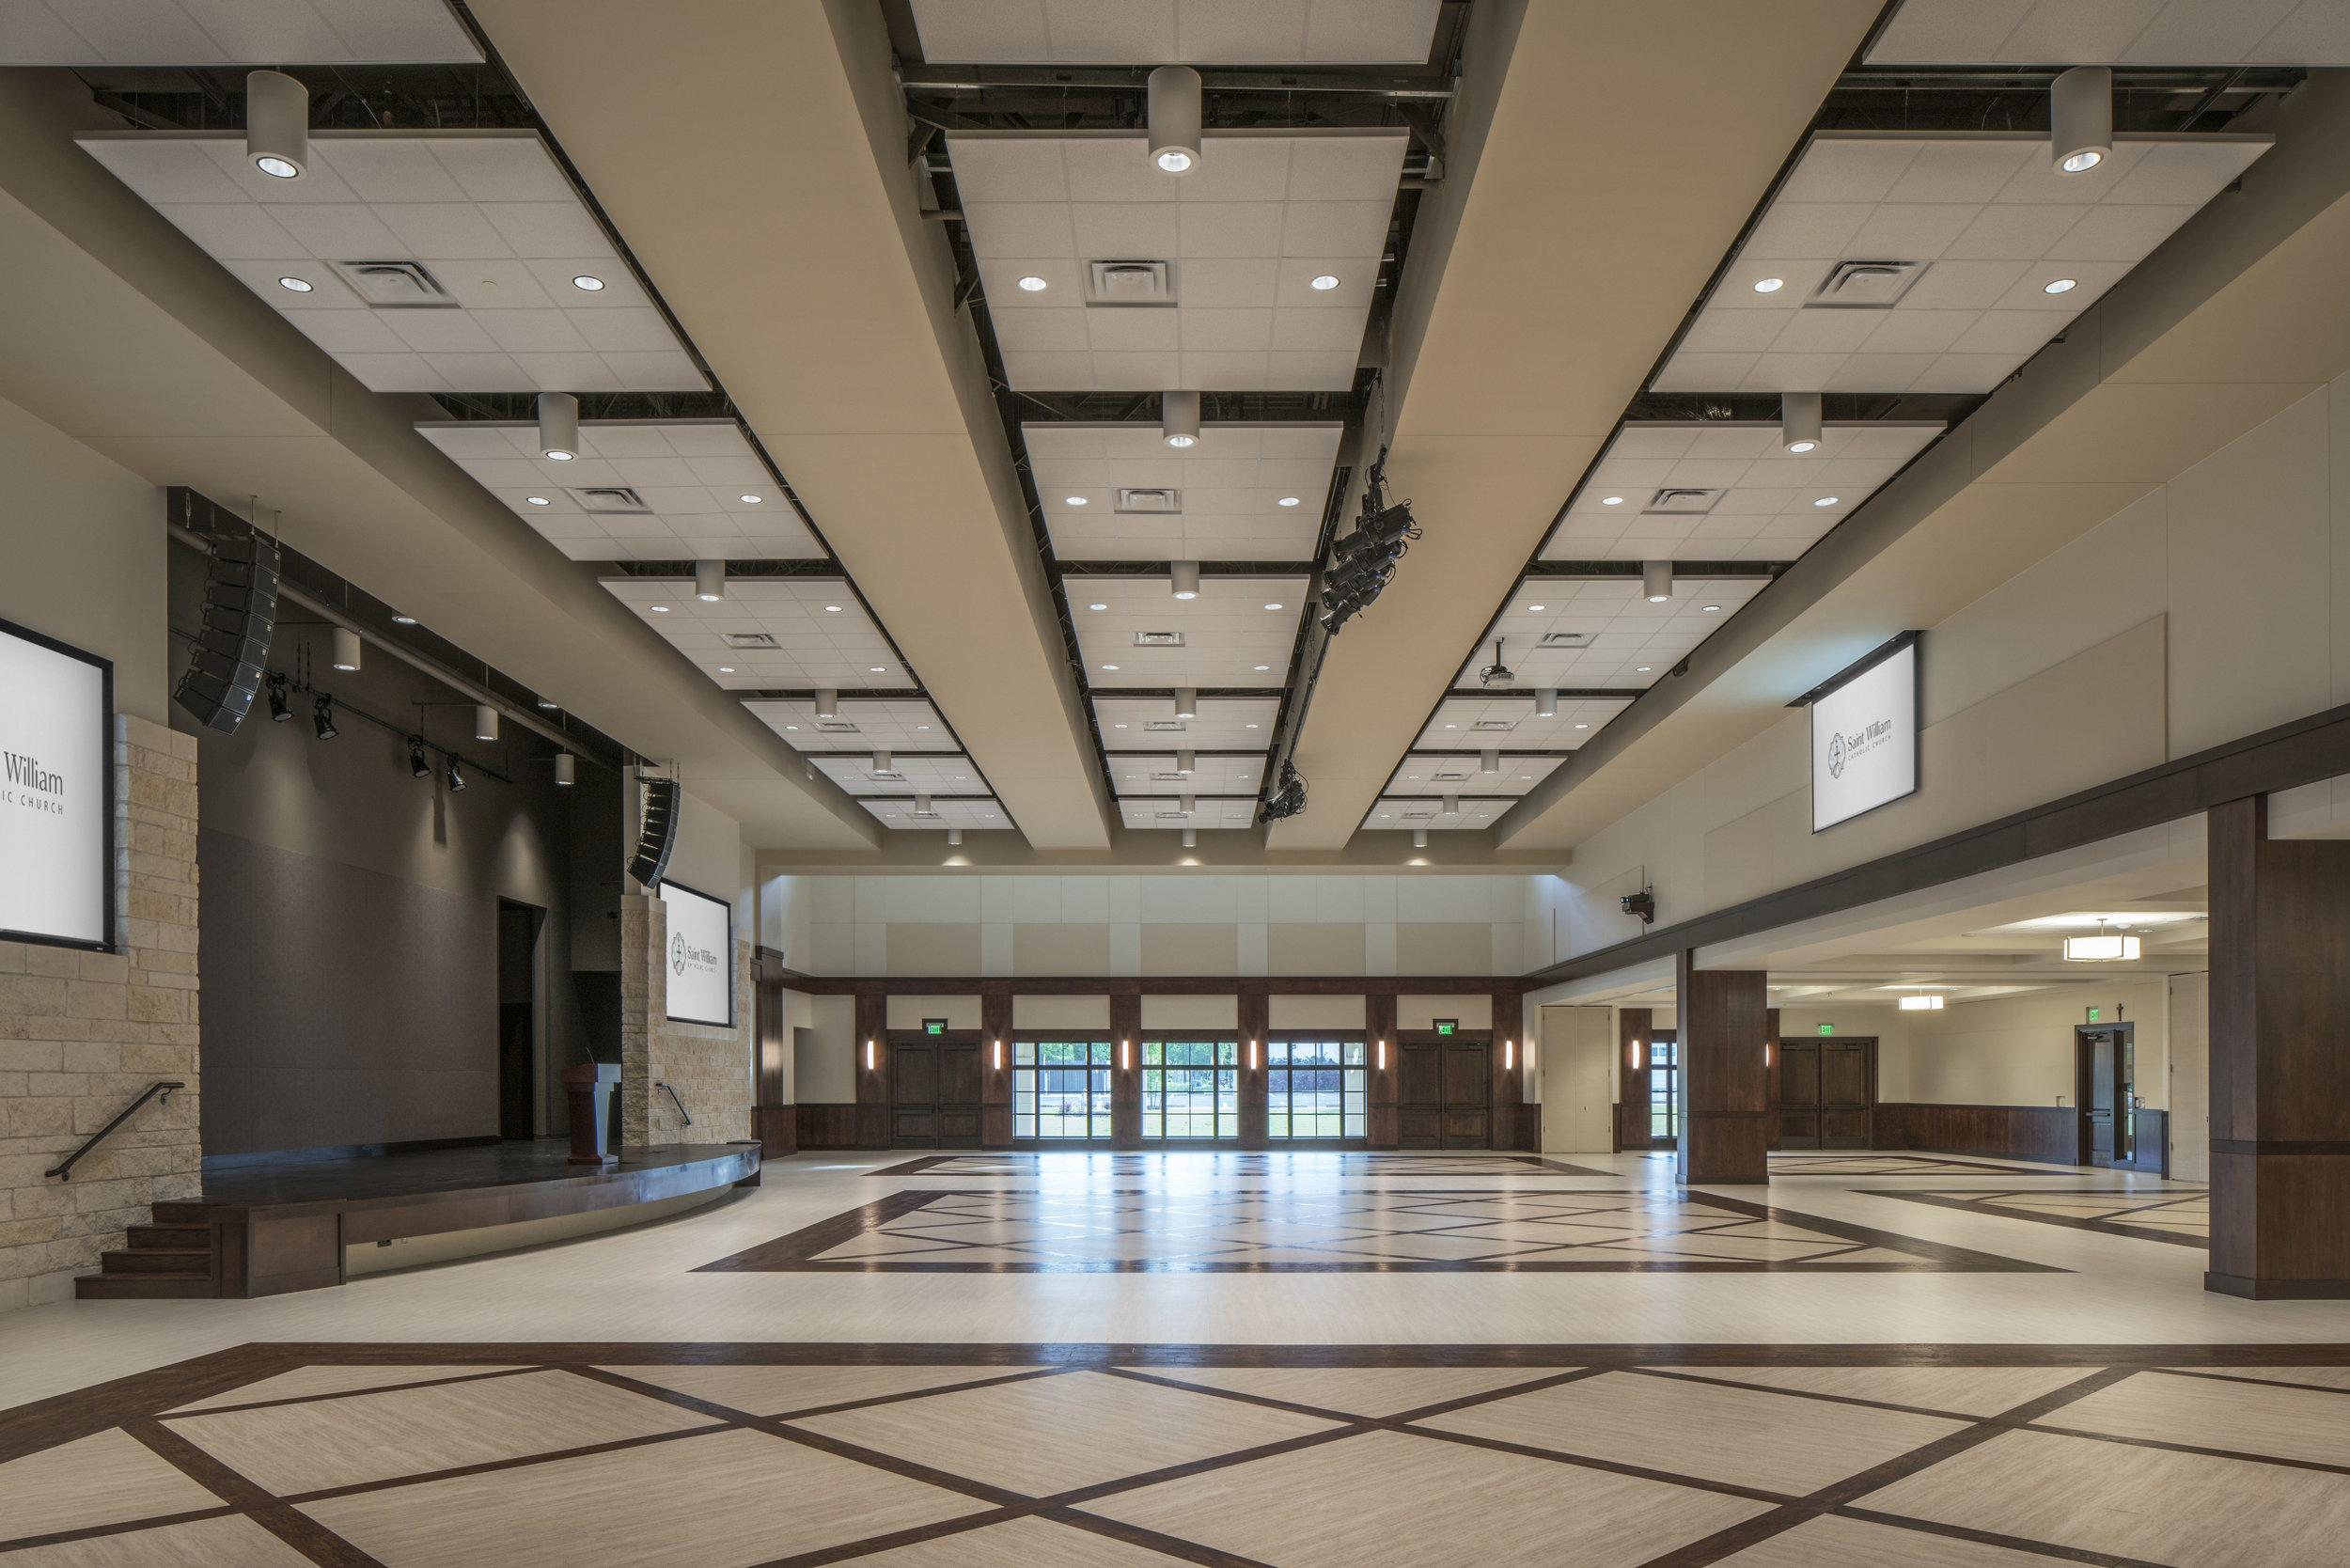 St. William Banquet Hall